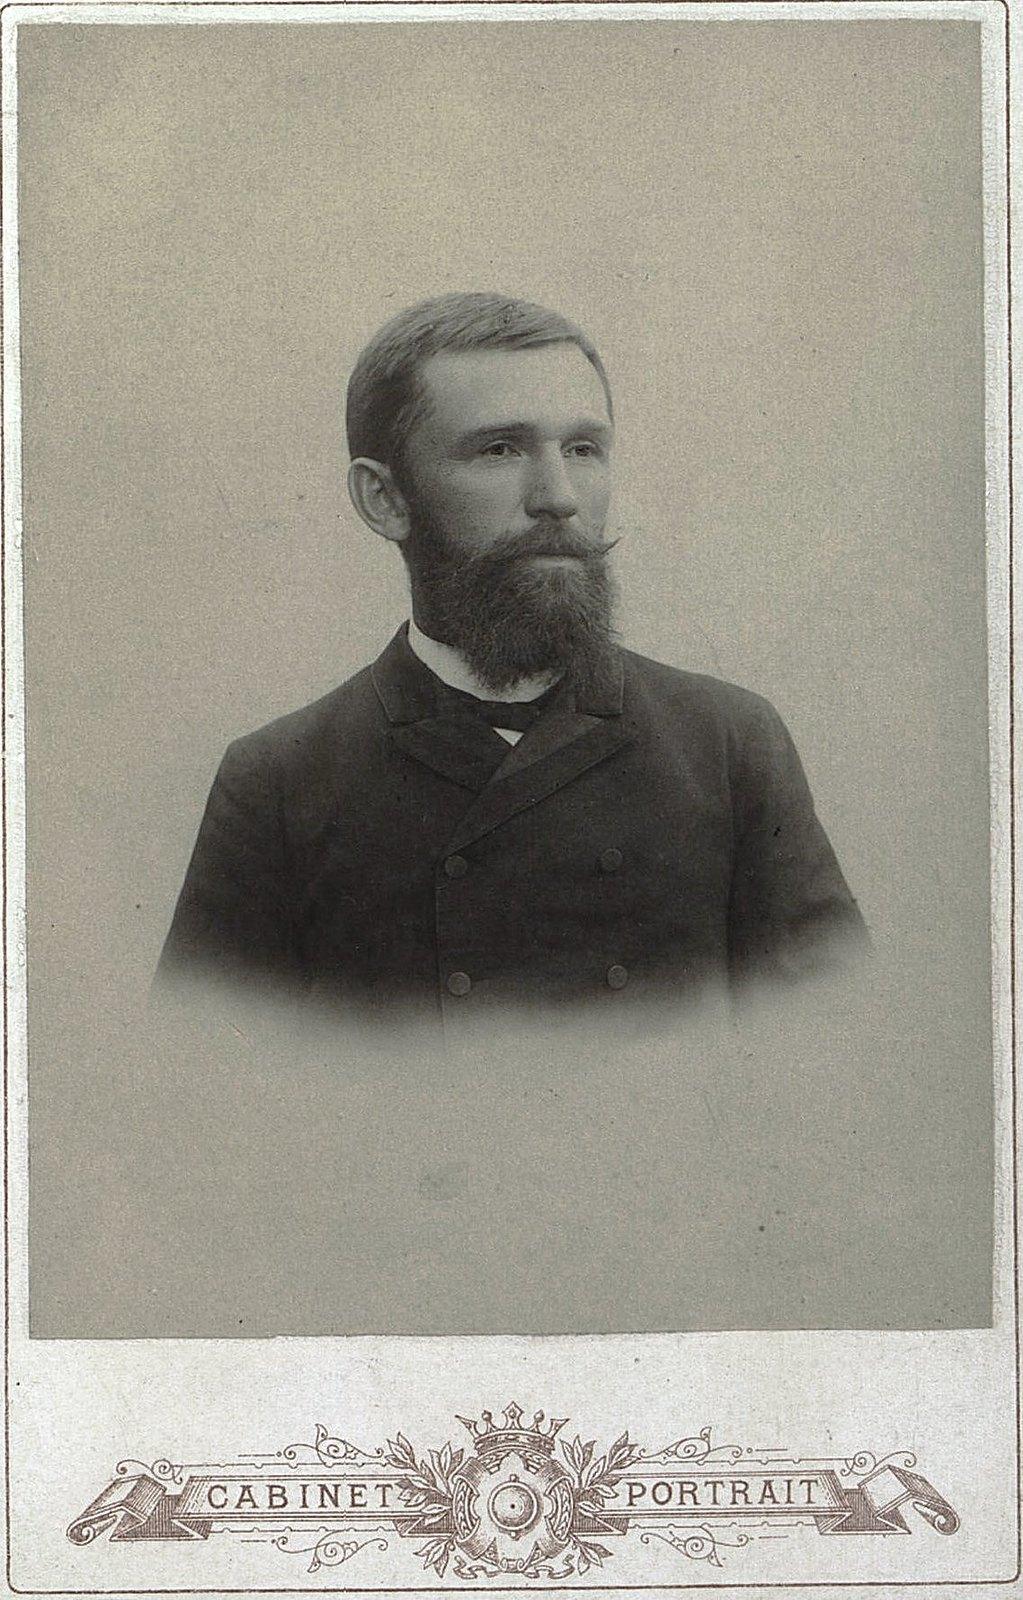 Кафтанников Михаил Иванович, владелец мясной и колбасной торговли в Дмитрове. 1890-е гг.